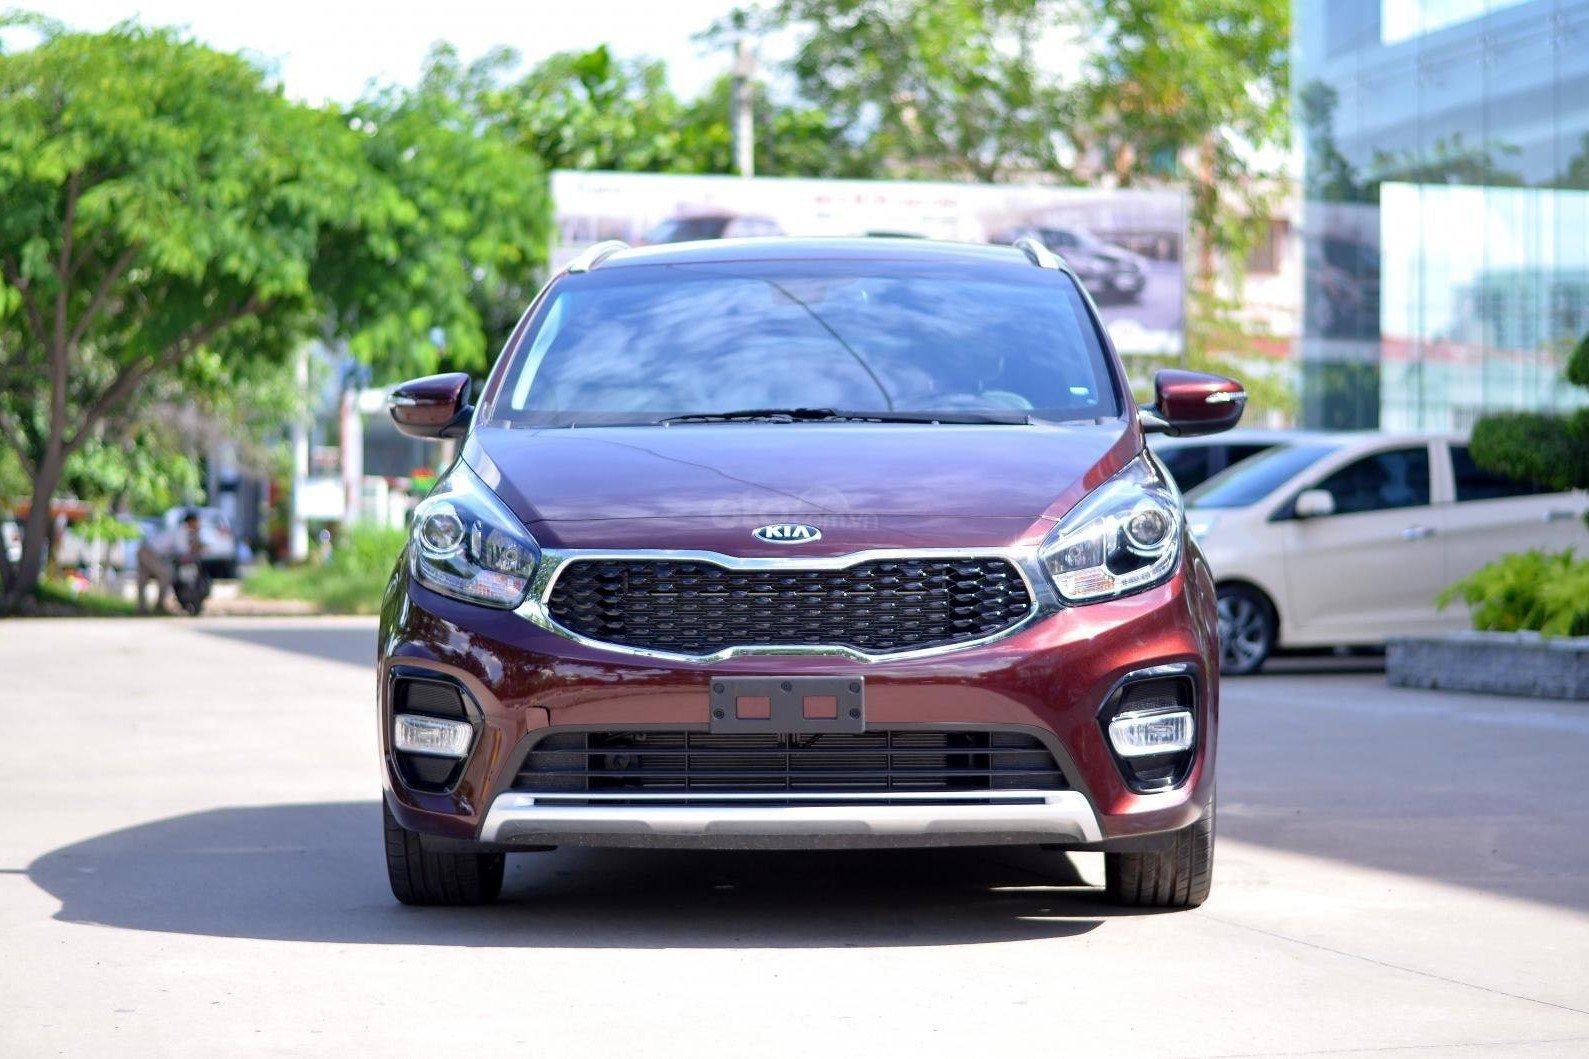 Vay mua xe Kia Rondo 2019 trả góp: Những lưu ý để hưởng lợi về lãi suất a1